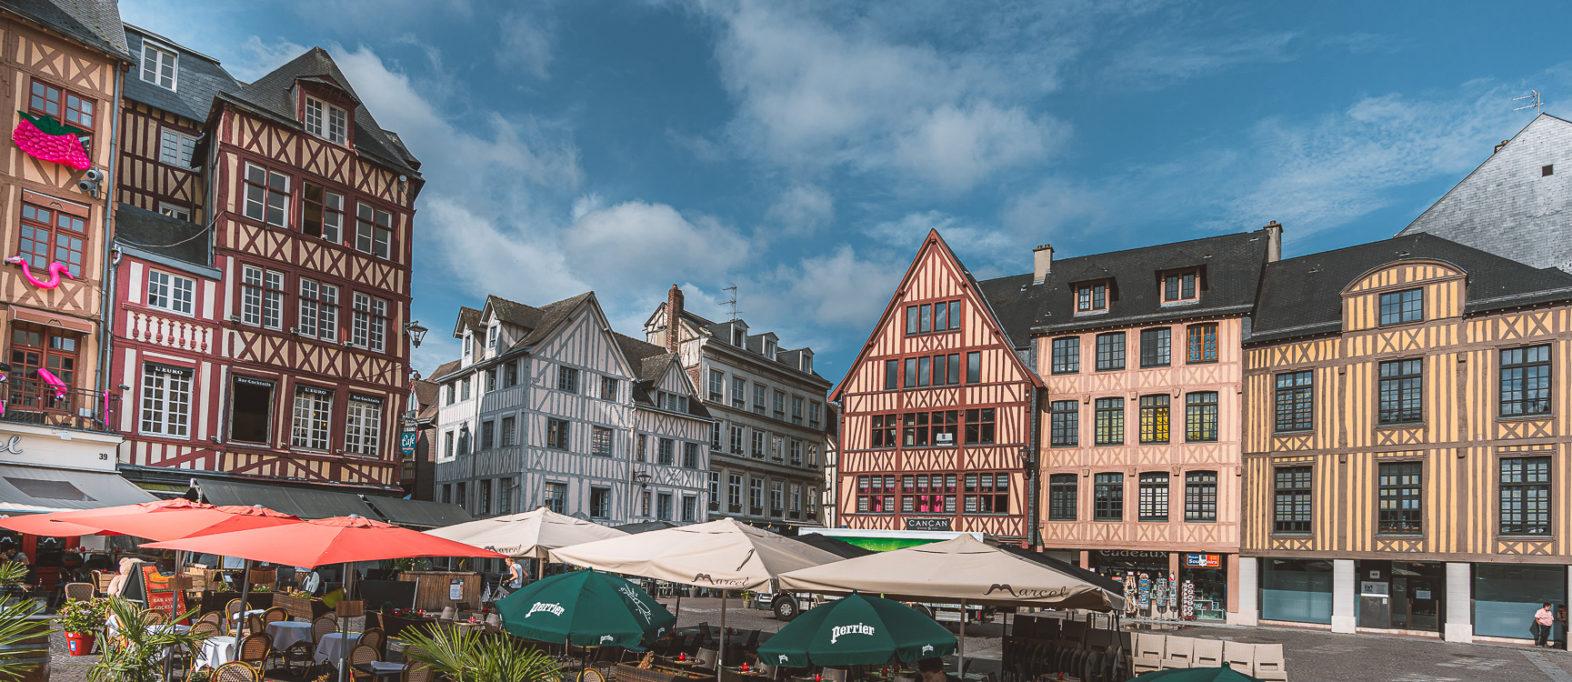 Rouen Sehenswürdigkeiten Place du Vieux Marché